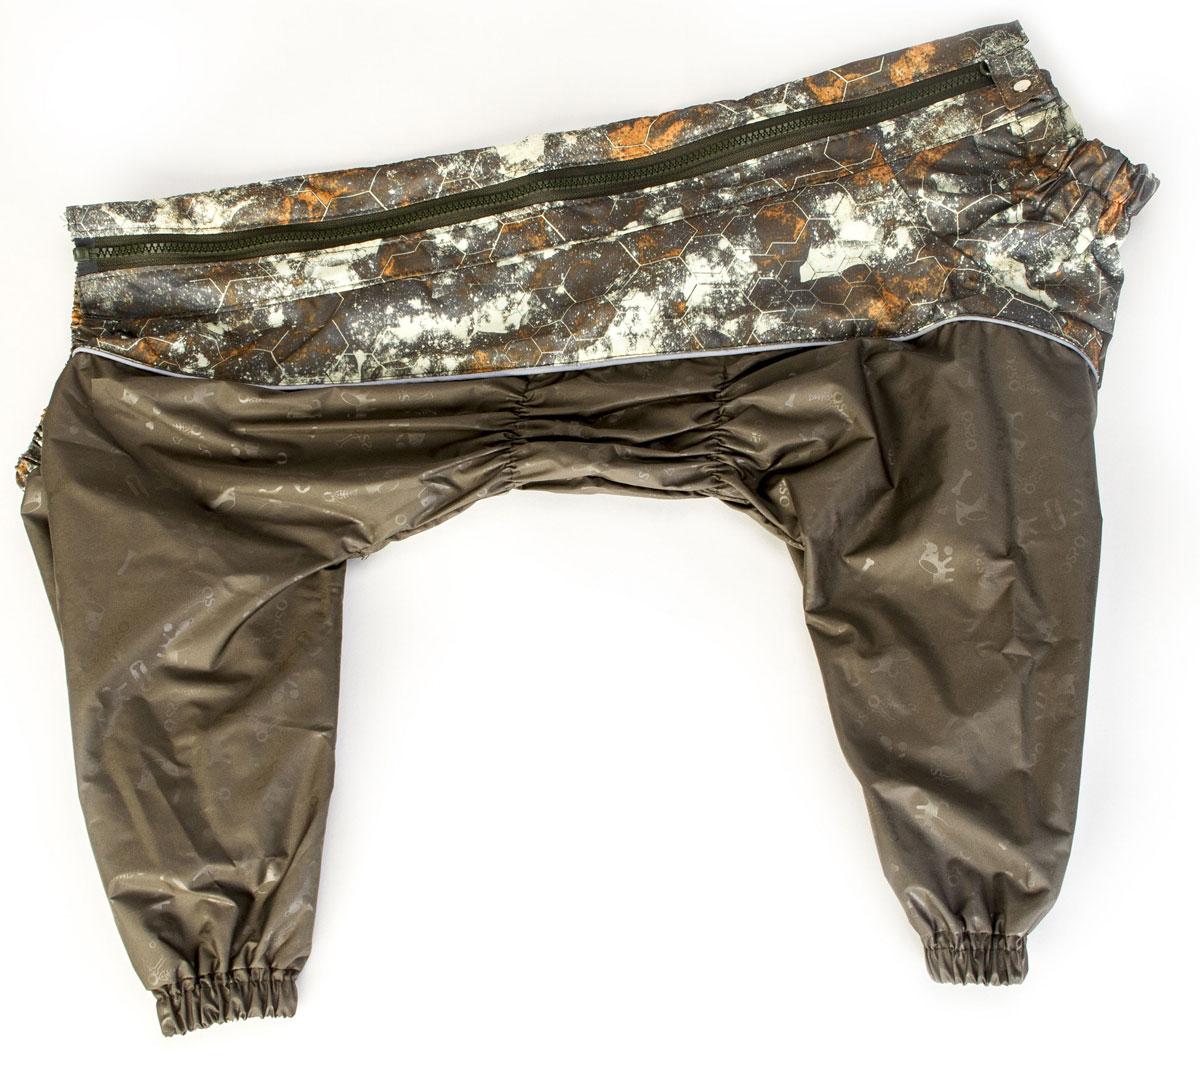 Комбинезон для собак OSSO Fashion, для мальчика, цвет: хаки. Размер 55К-1022-хаки-вставкаКомбинезон для собак OSSO Fashion изготовлен из водоотталкивающей и ветрозащитной ткани (100% полиэстер). Предназначен для прогулок в межсезонье, в сырую погоду для защиты собаки от грязи и воды. В комбинезоне используется отделка со светоотражающим кантом и тракторная молния со светоотражающей полосой. Комбинезон для собак эргономичен, удобен, не сковывает движений собаки при беге, во время игры и при дрессировке. Комфортная посадка по корпусу достигается за счет резинок-утяжек под грудью и животом. На воротнике имеется кнопка для фиксации. От попадания воды и грязи внутрь комбинезона низ штанин также собран на резинку.Длина спинки: 55 см.Объем груди: 64-80 см.